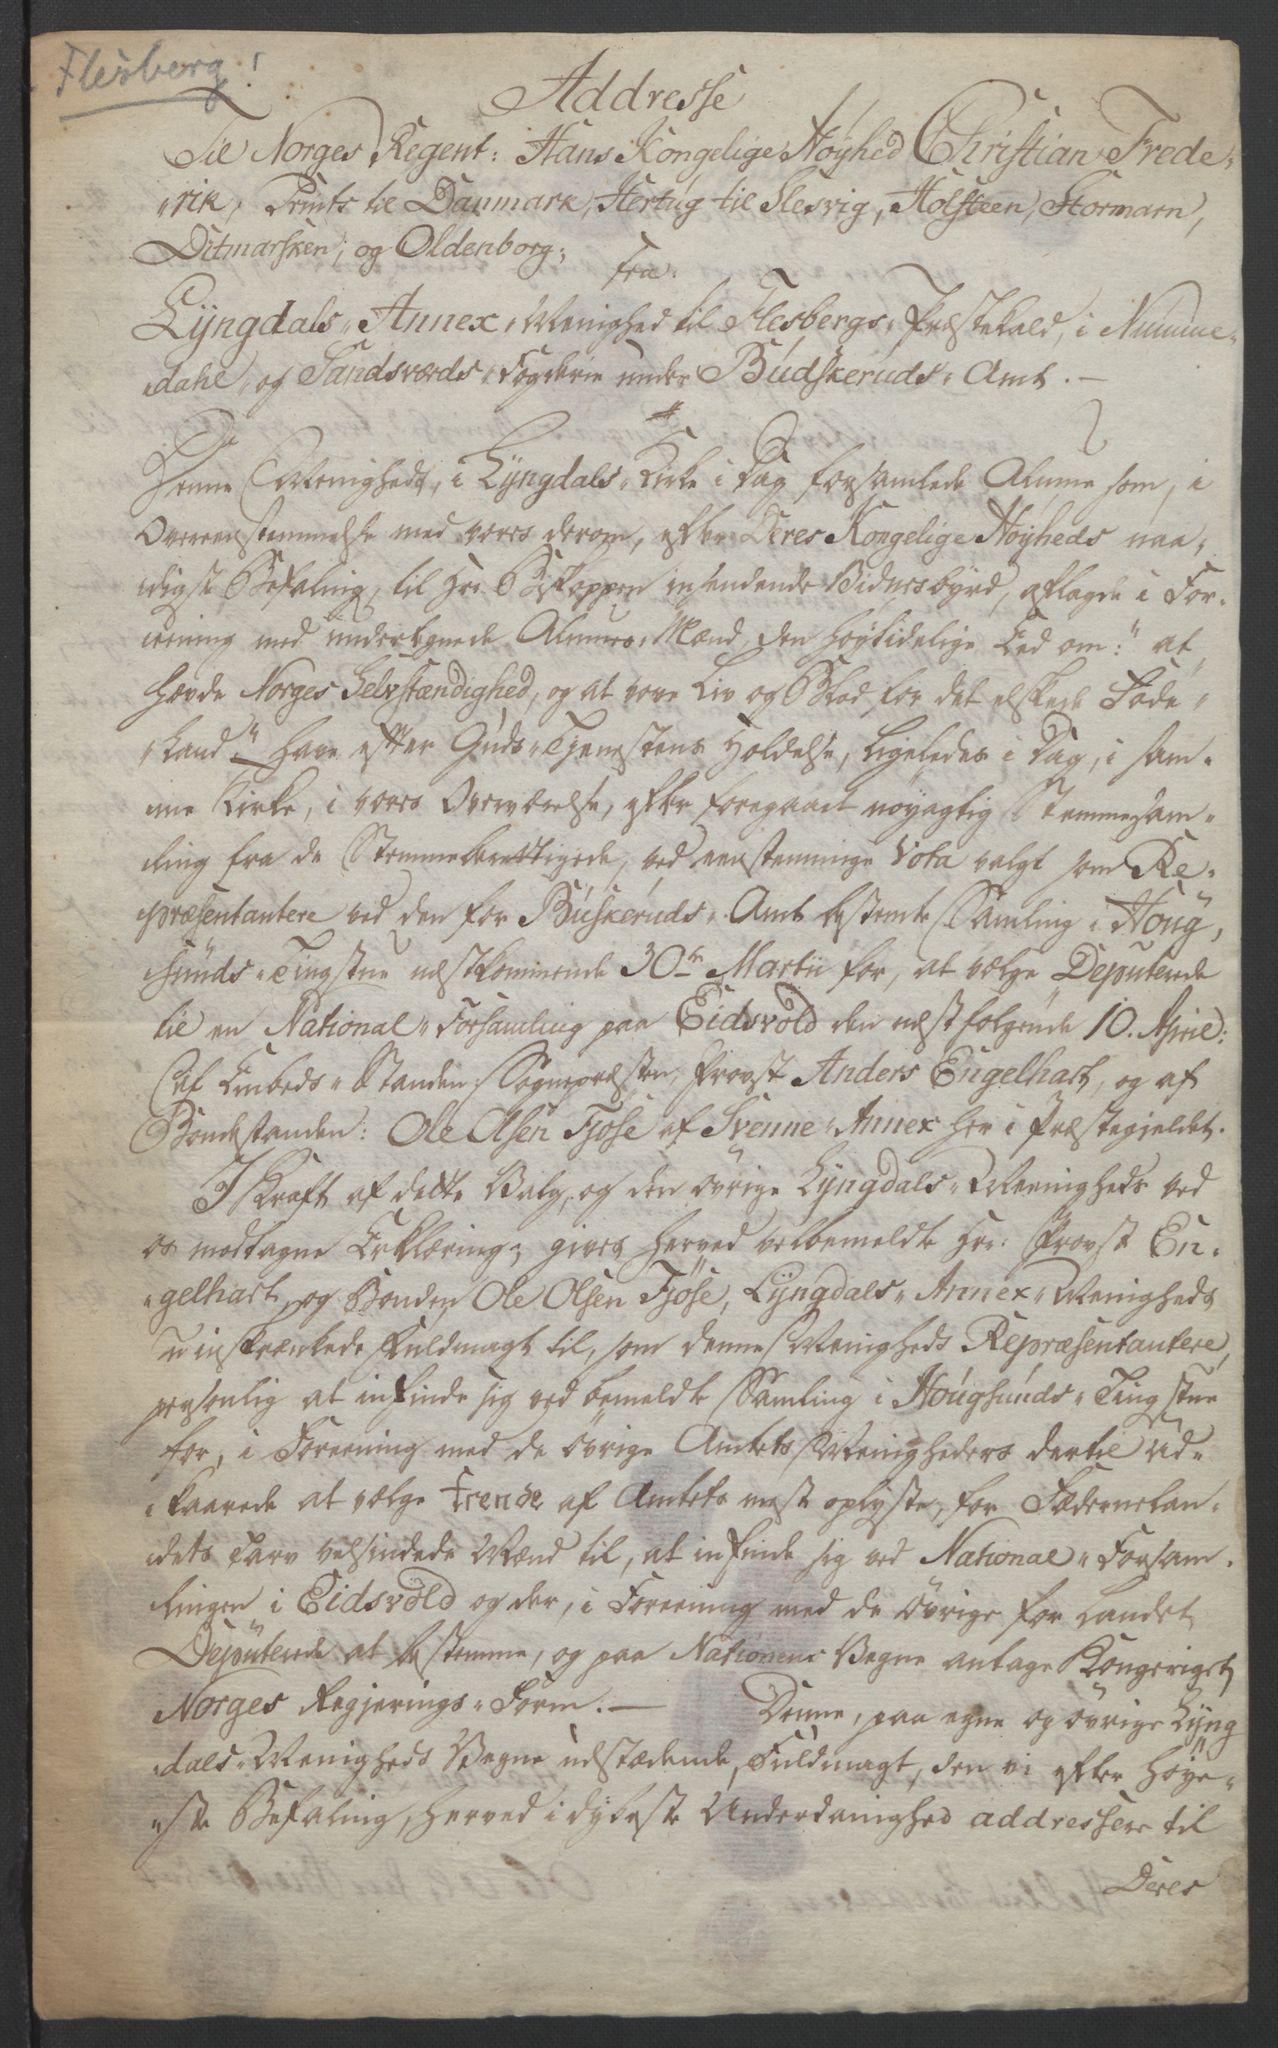 RA, Statsrådssekretariatet, D/Db/L0007: Fullmakter for Eidsvollsrepresentantene i 1814. , 1814, s. 312